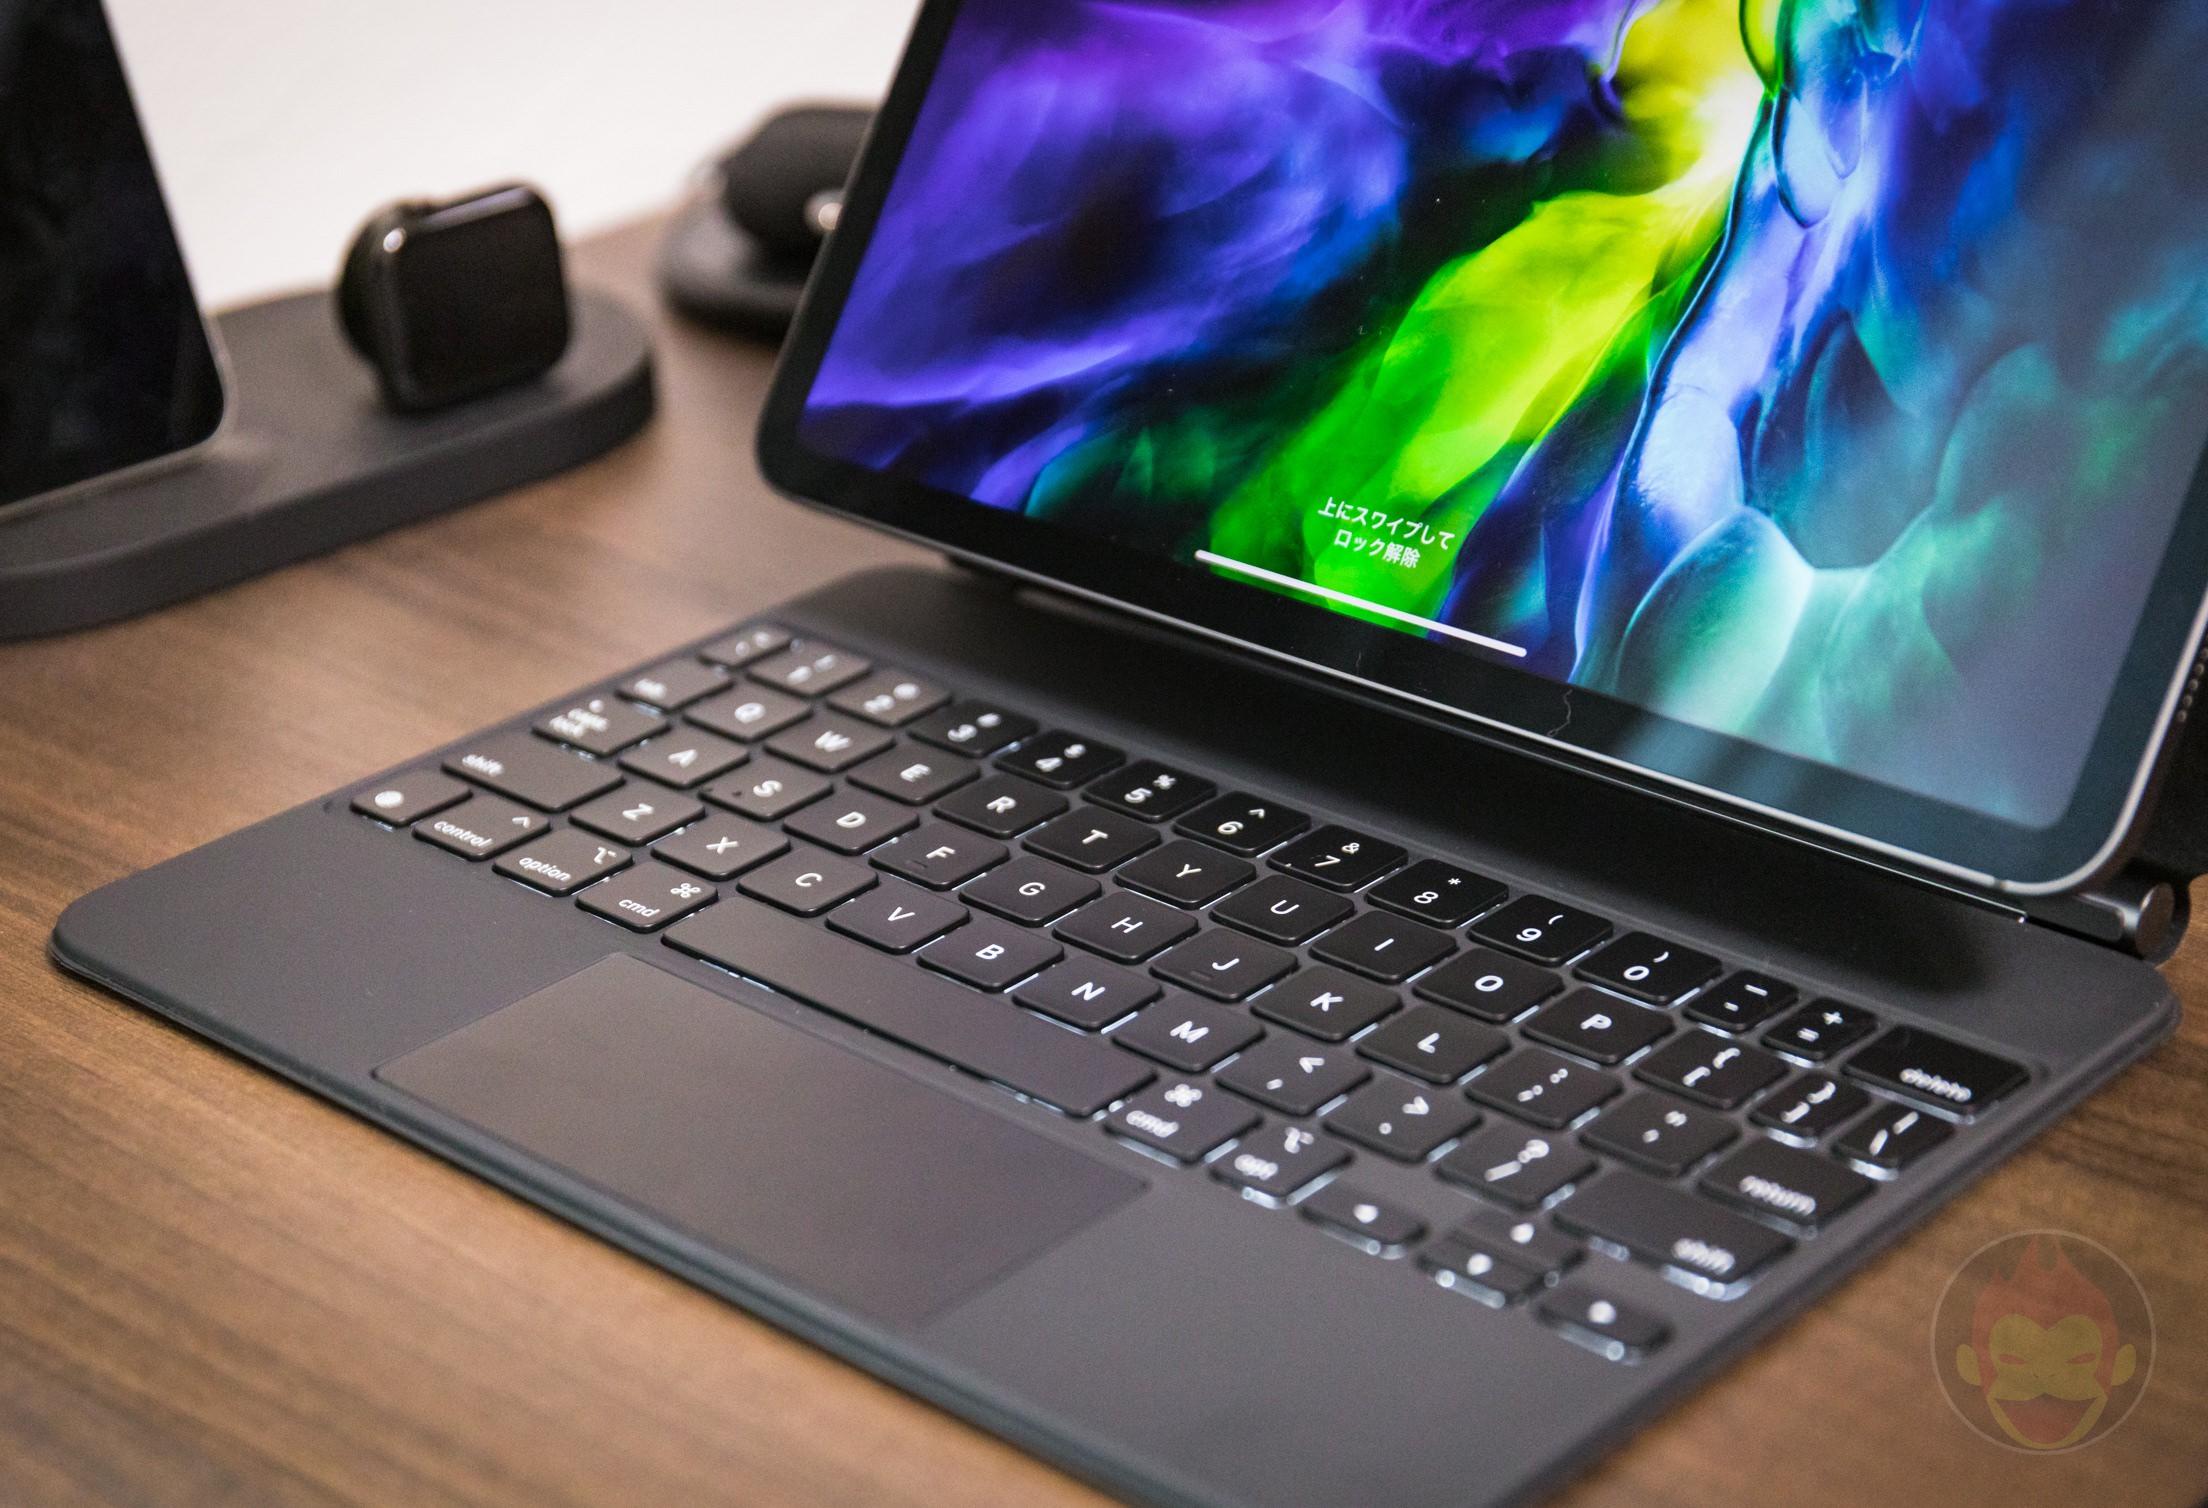 iPad-Pro-2020-11in-Magic-Keyboard-Review-05.jpg